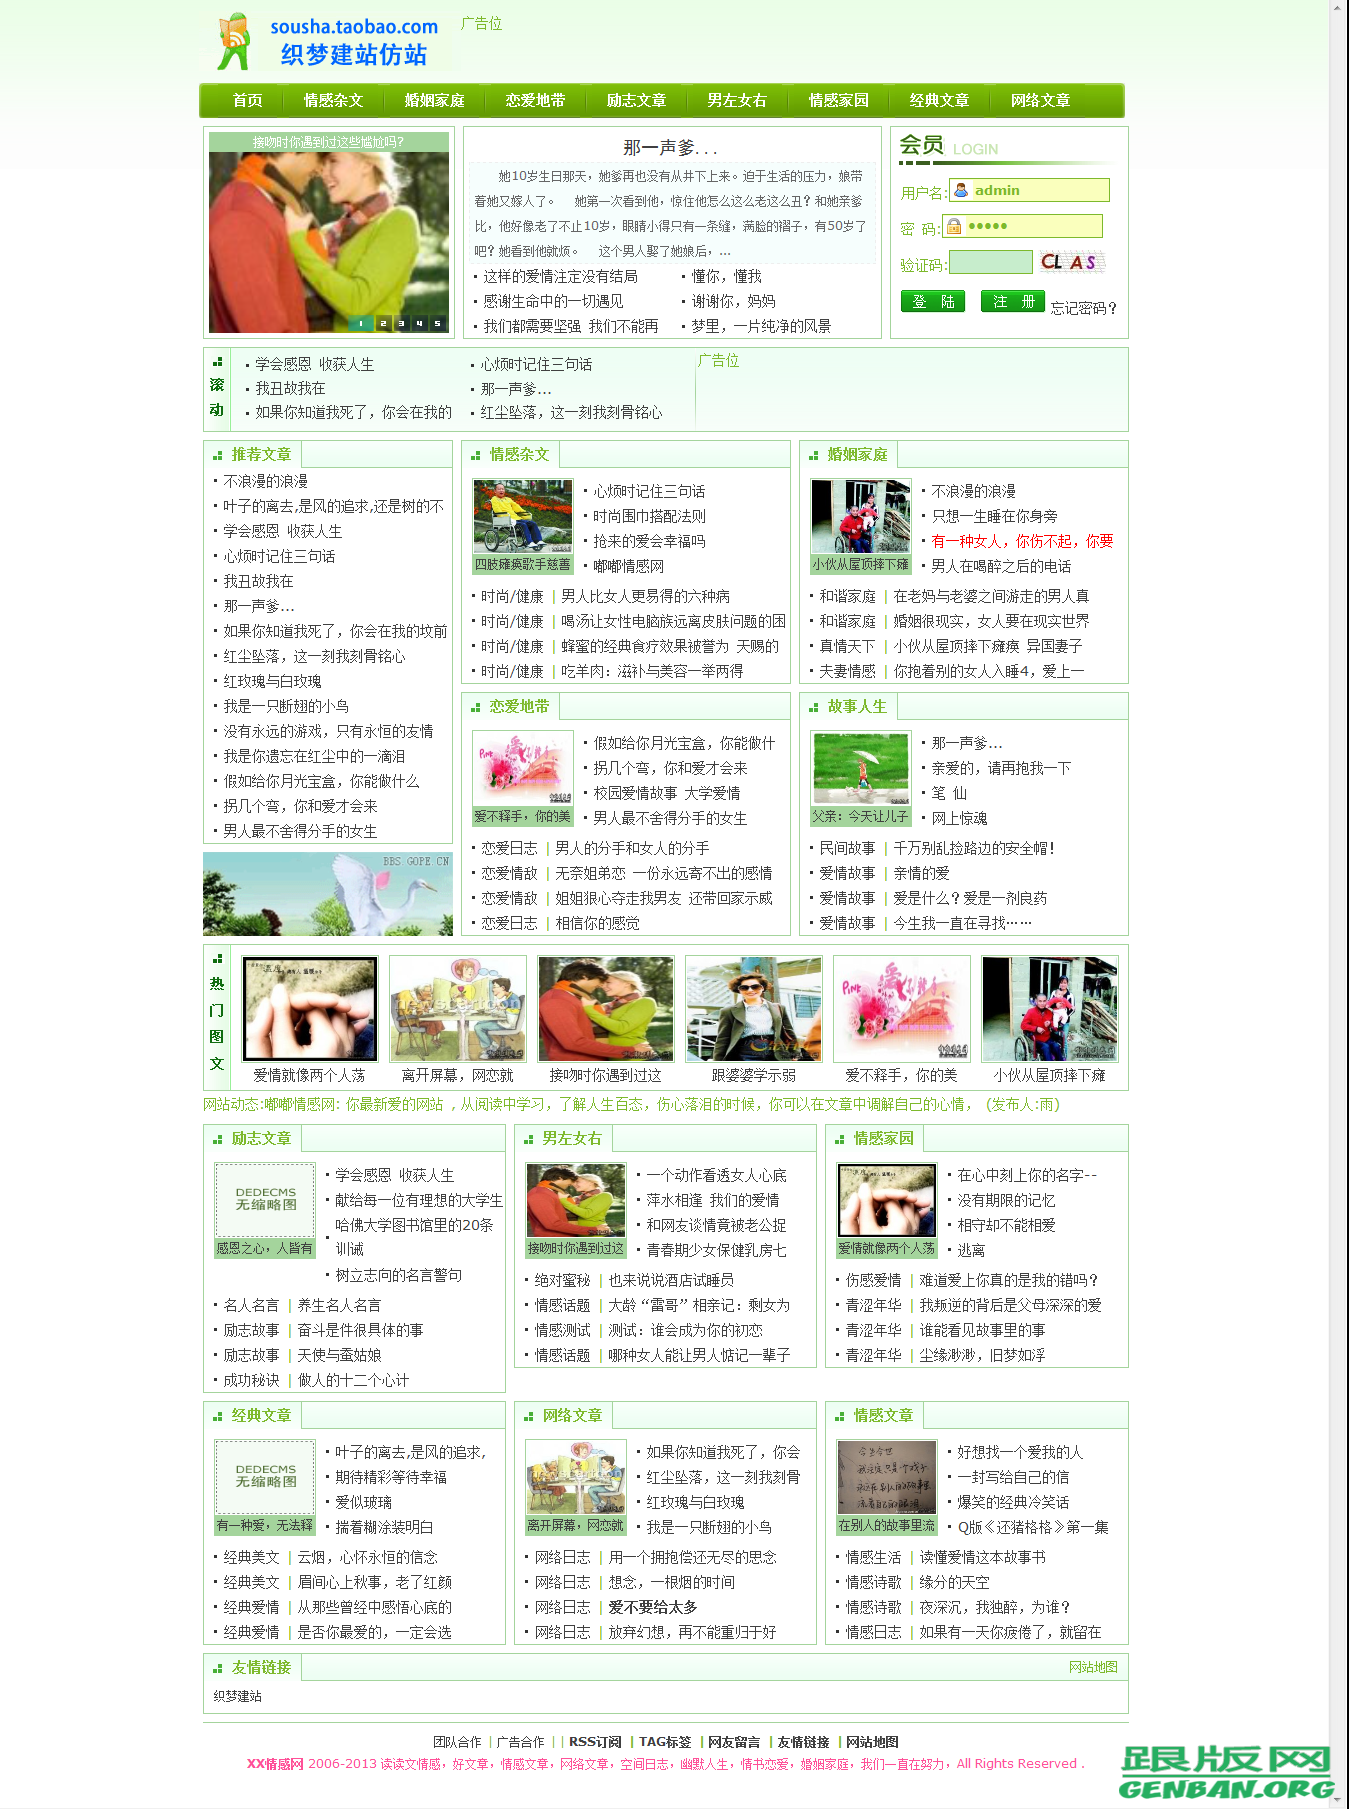 织梦dedecms情感文学网站源码-dede精品文学网站源码